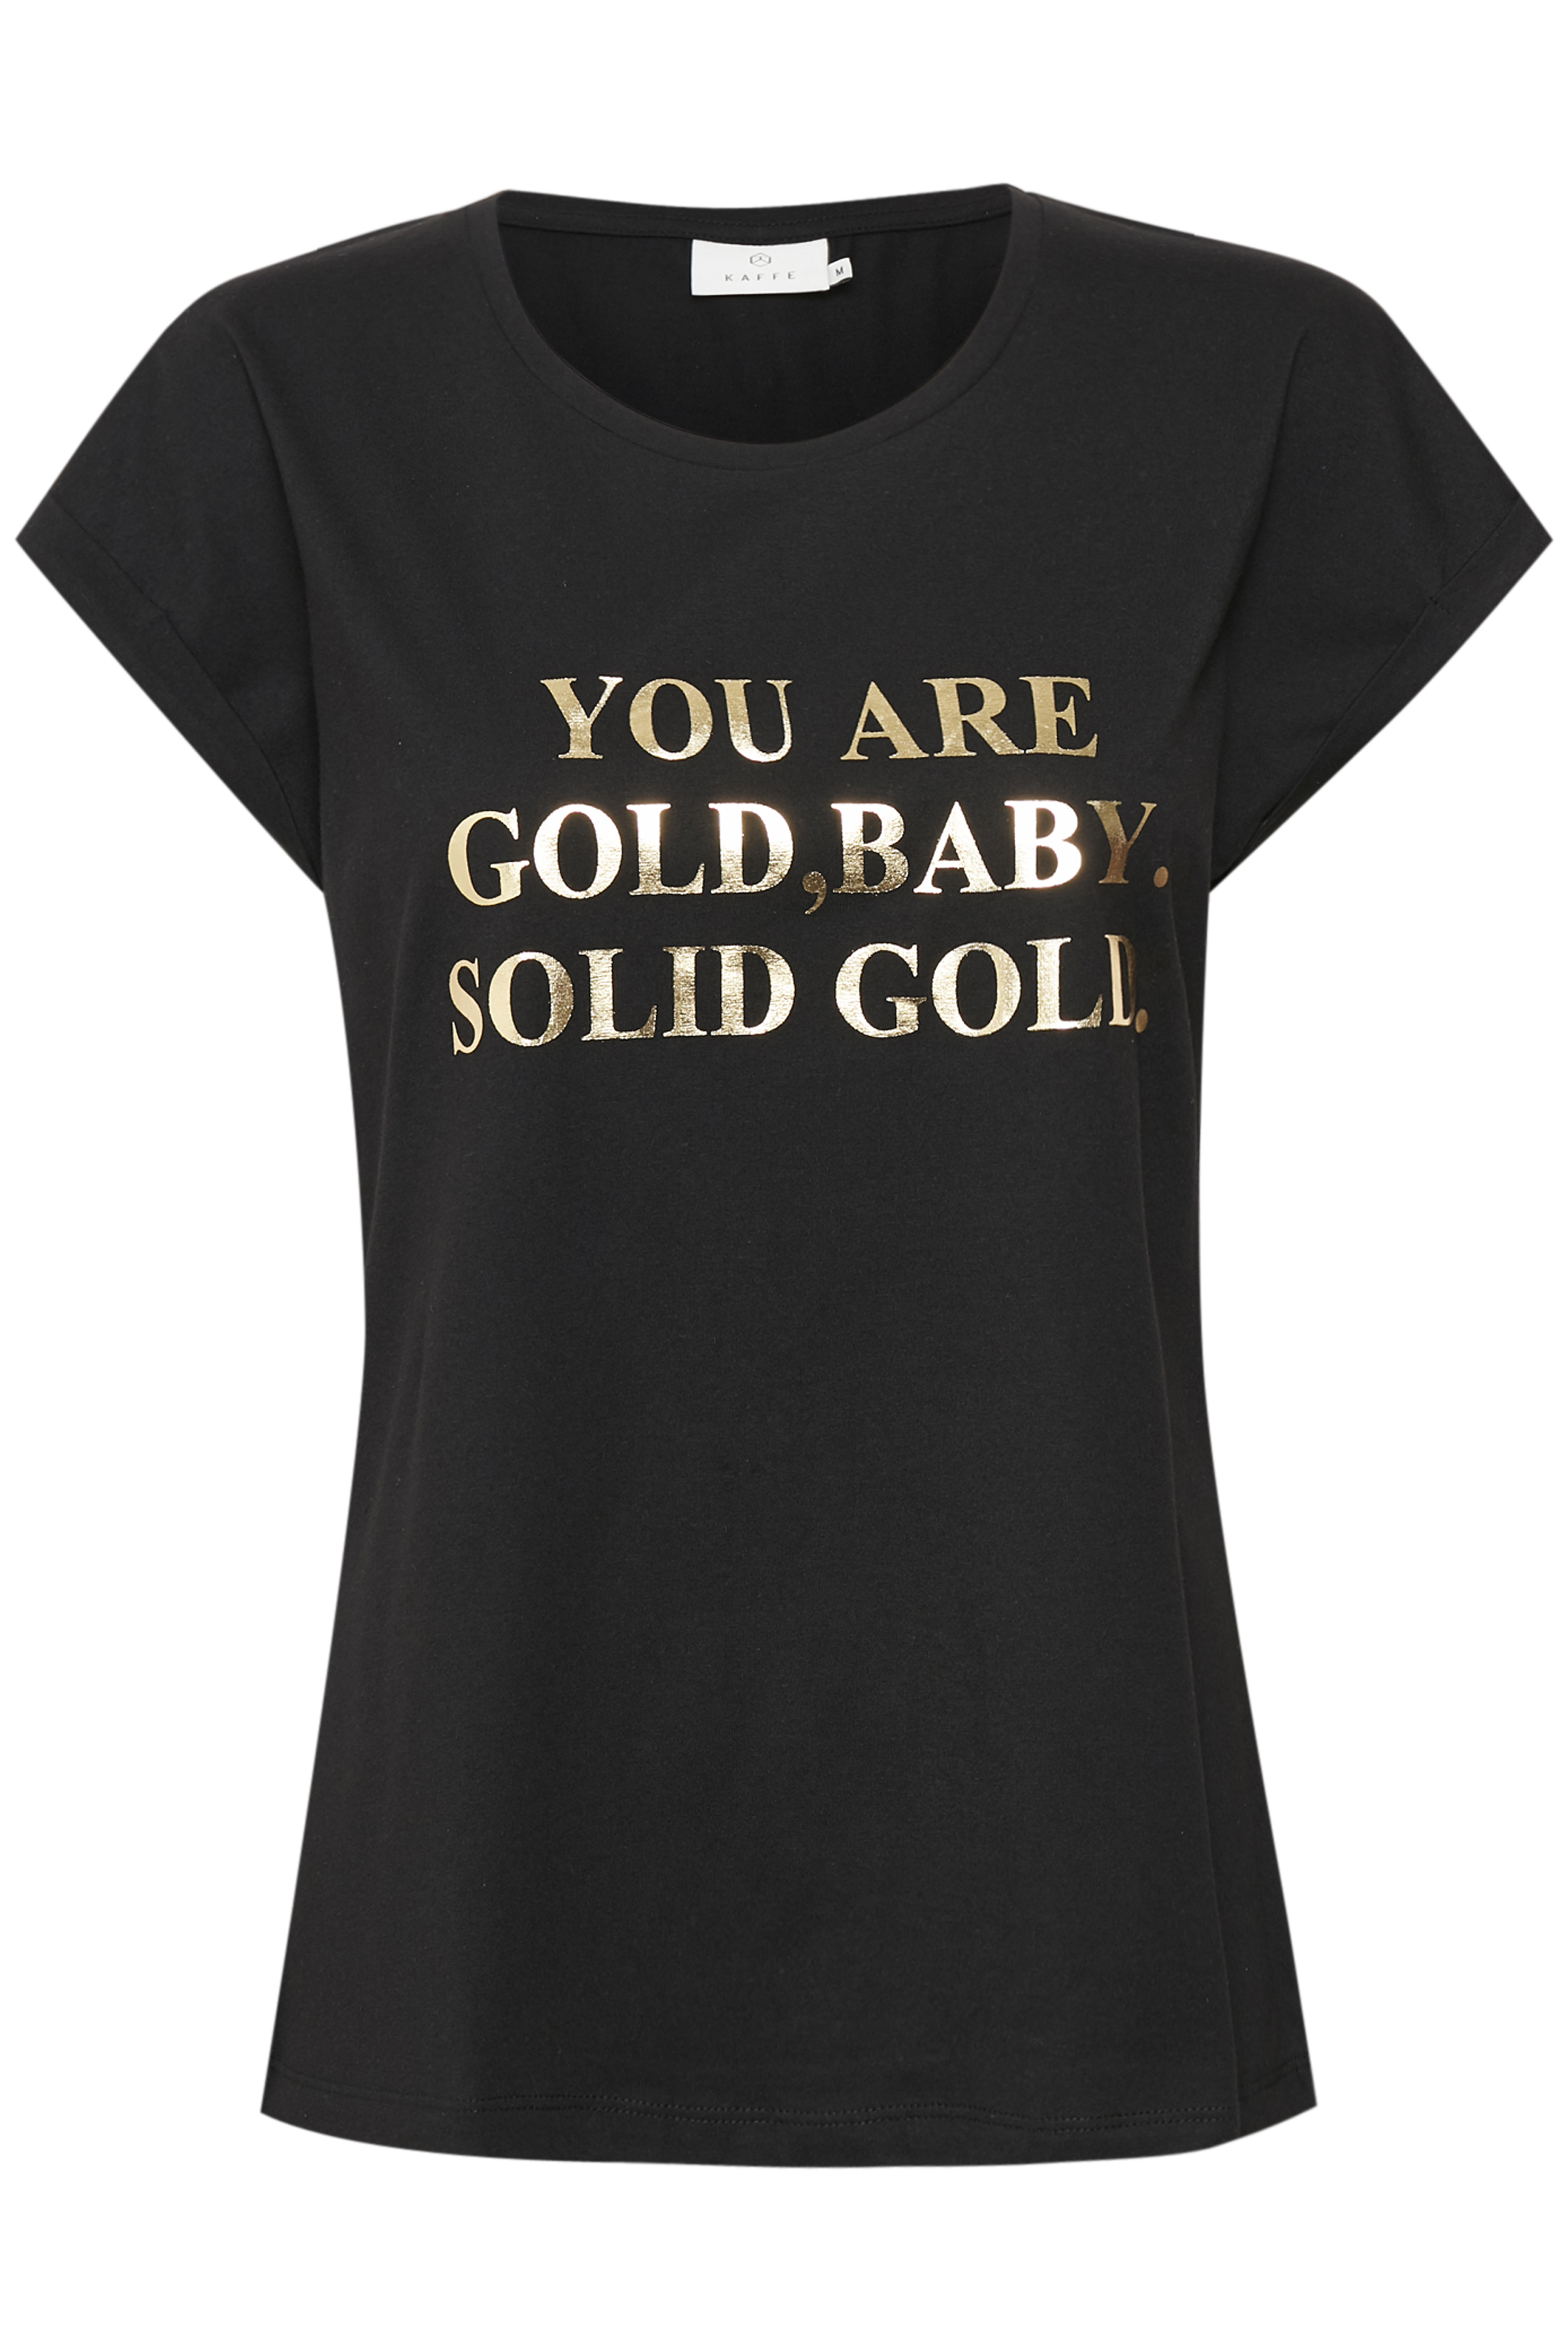 Svart/guld Kortärmad T-shirt från Kaffe – Köp Svart/guld Kortärmad T-shirt från stl. XS-XXL här